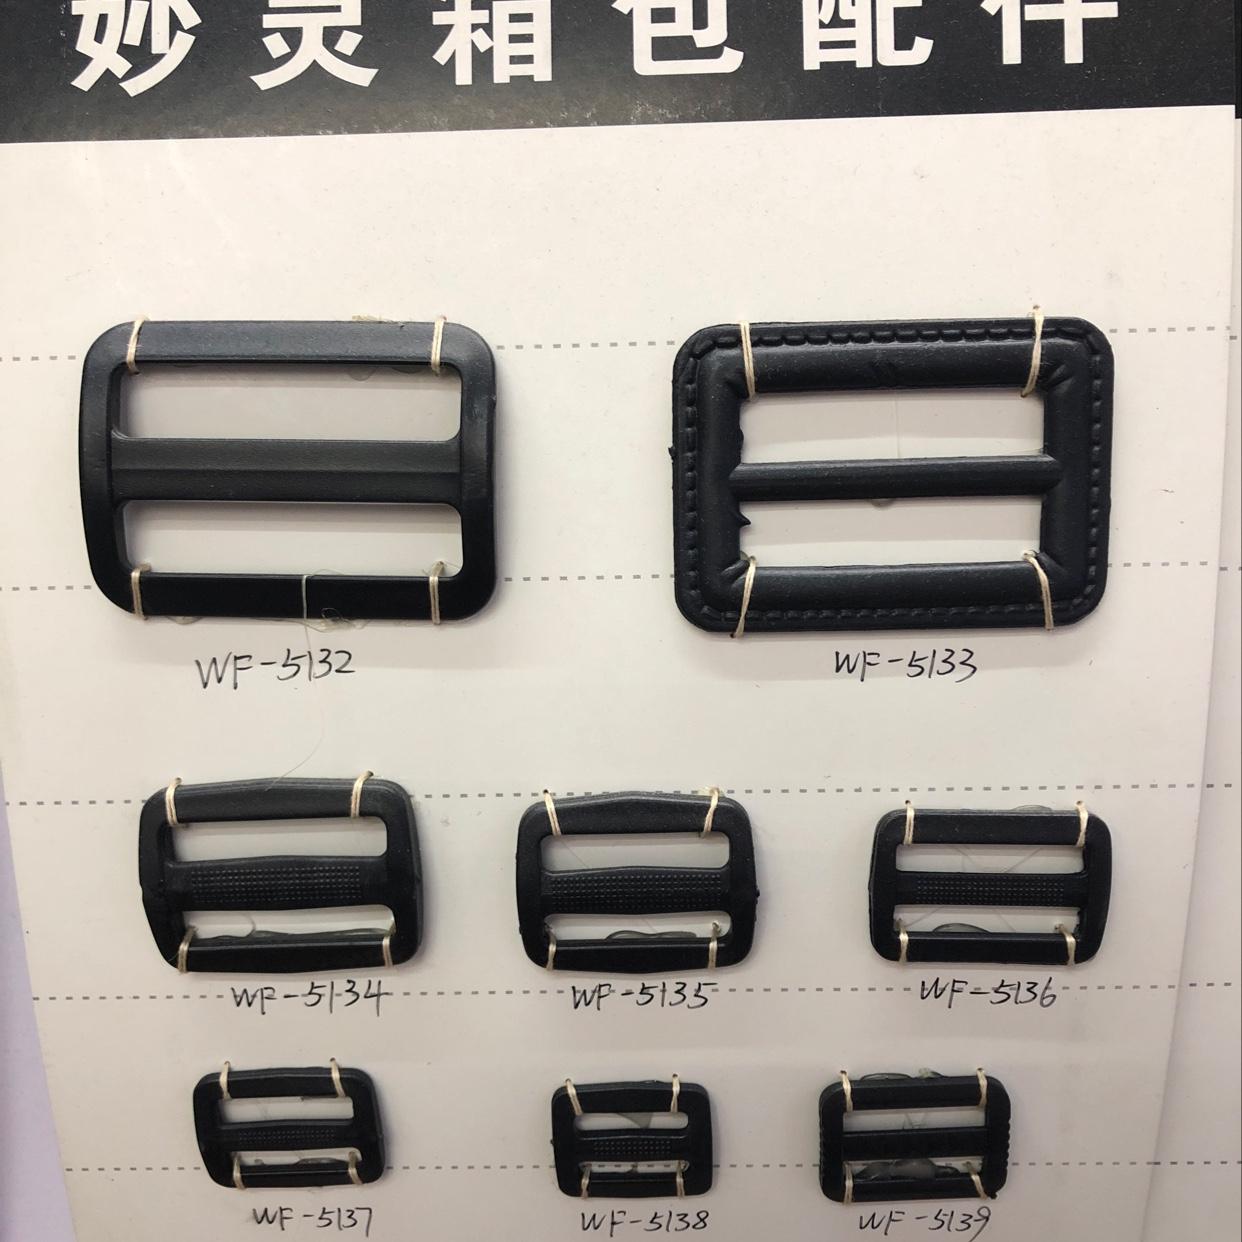 箱包扣8种类别黑色